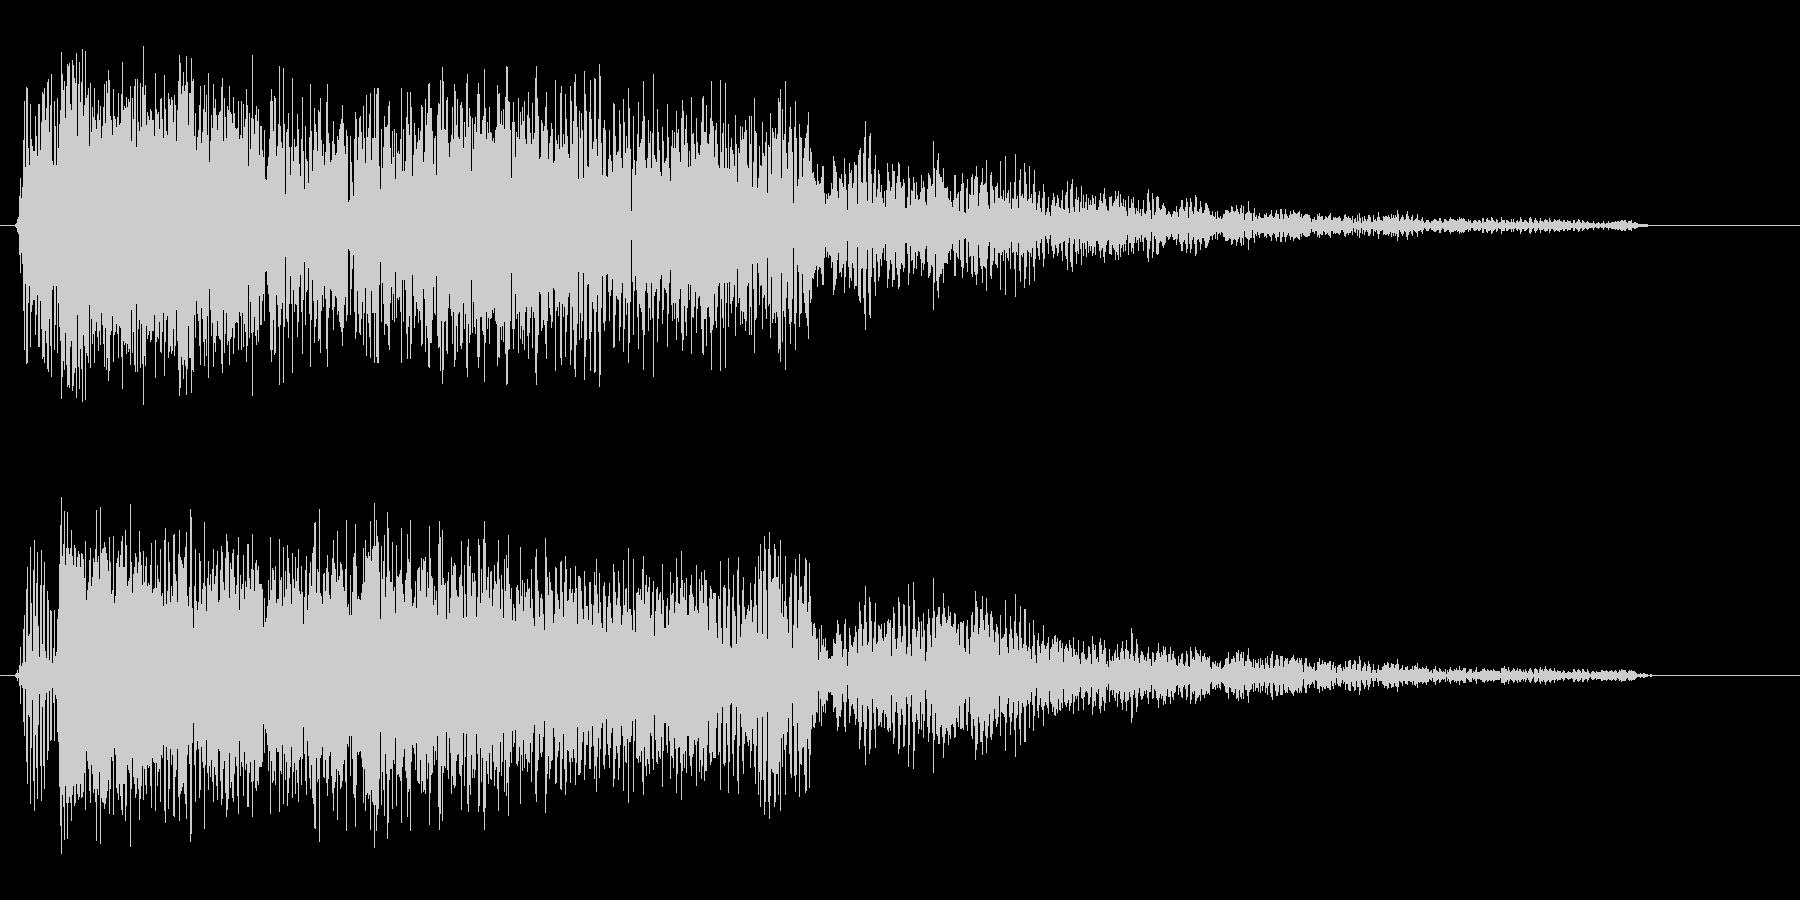 プワァァ〜(楽器系の音)の未再生の波形